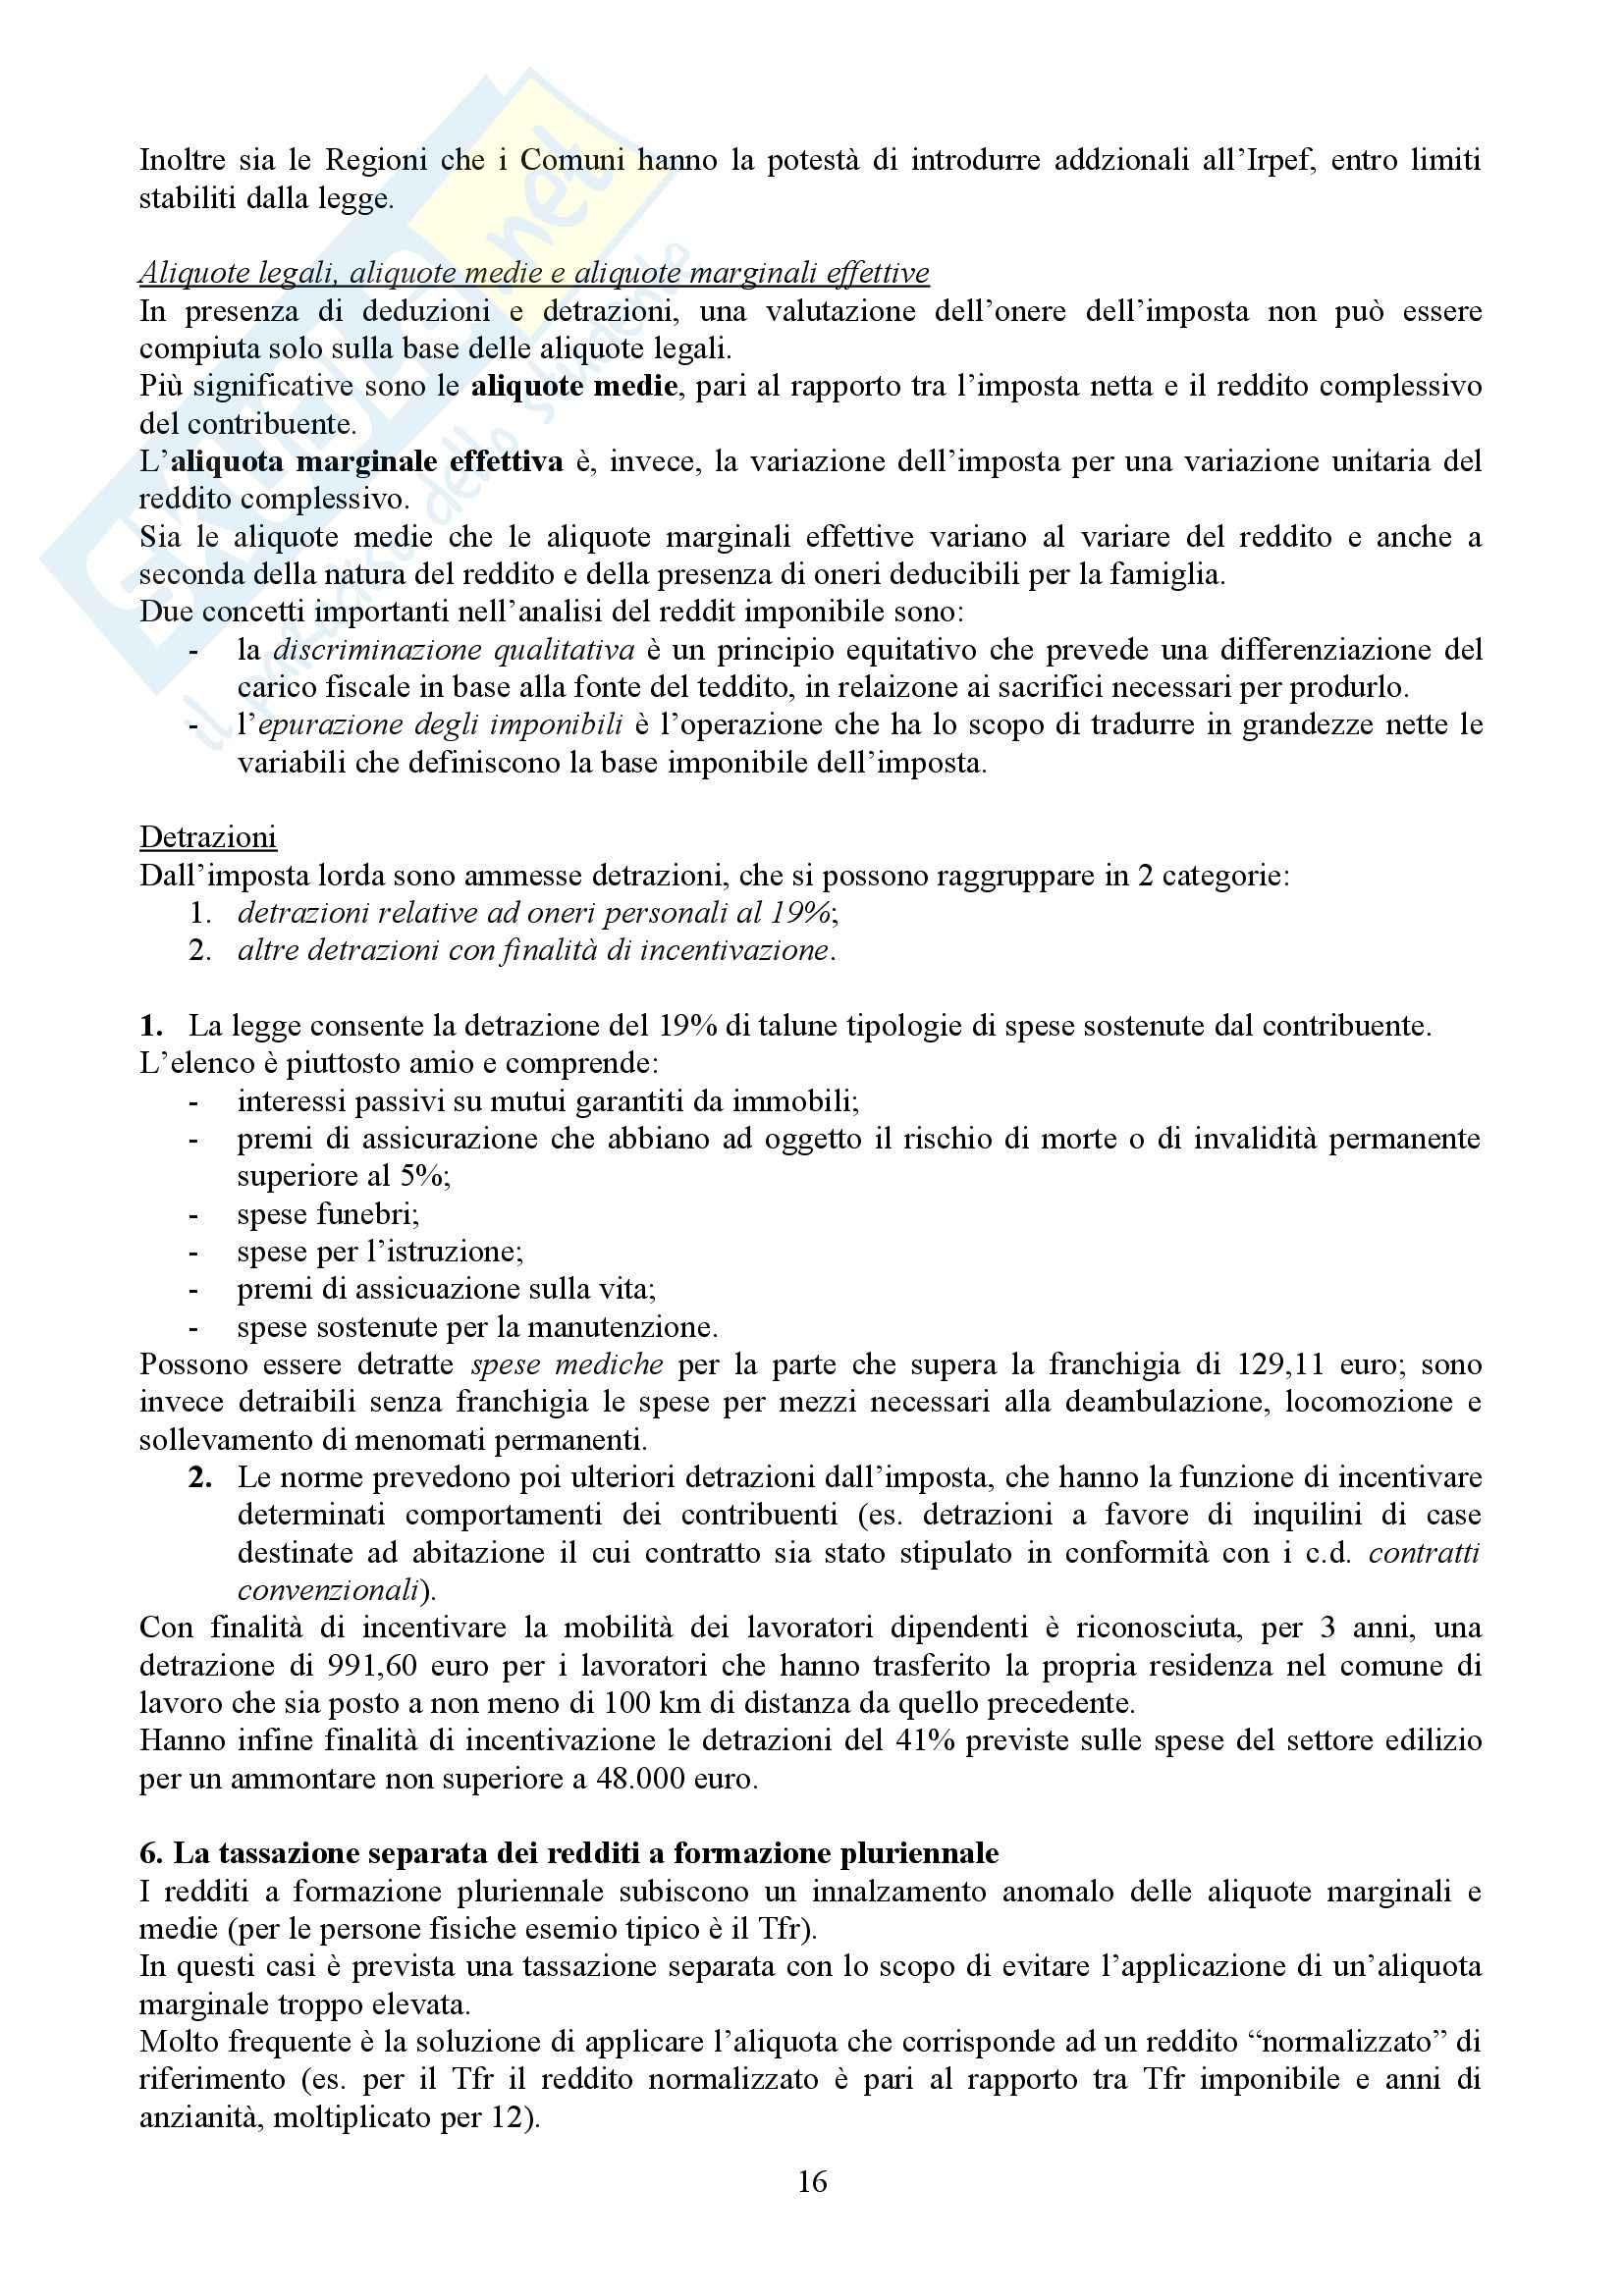 Tributi nell'economia italiana, Bosi, Guerra - Appunti Pag. 16